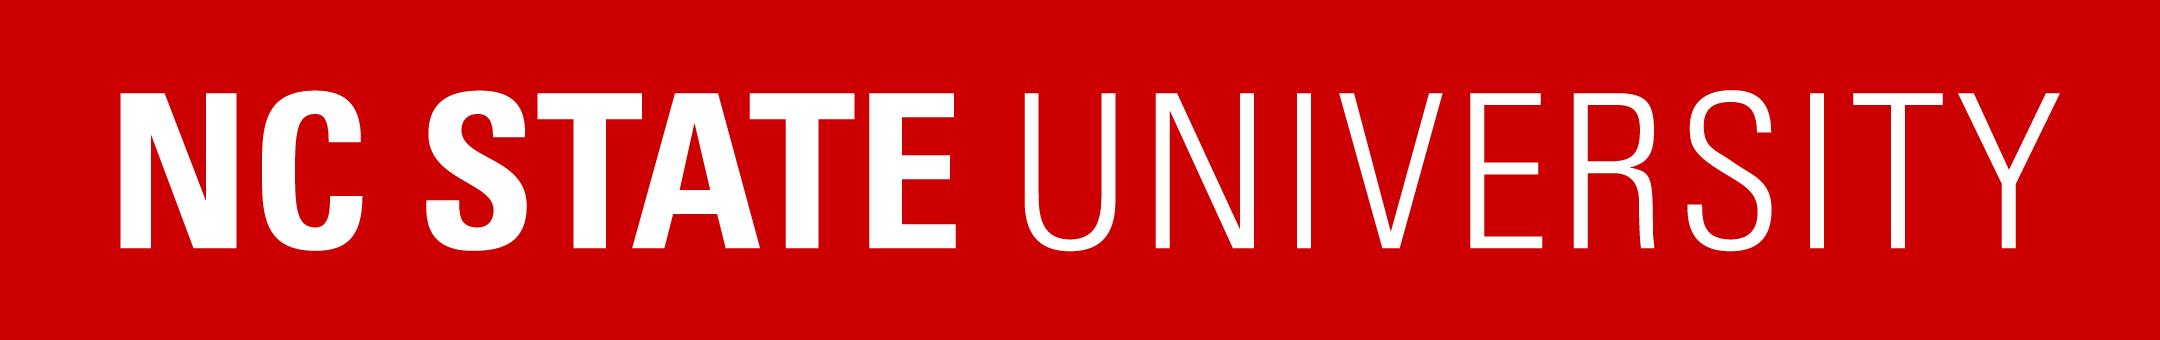 Image result for ncsu logo